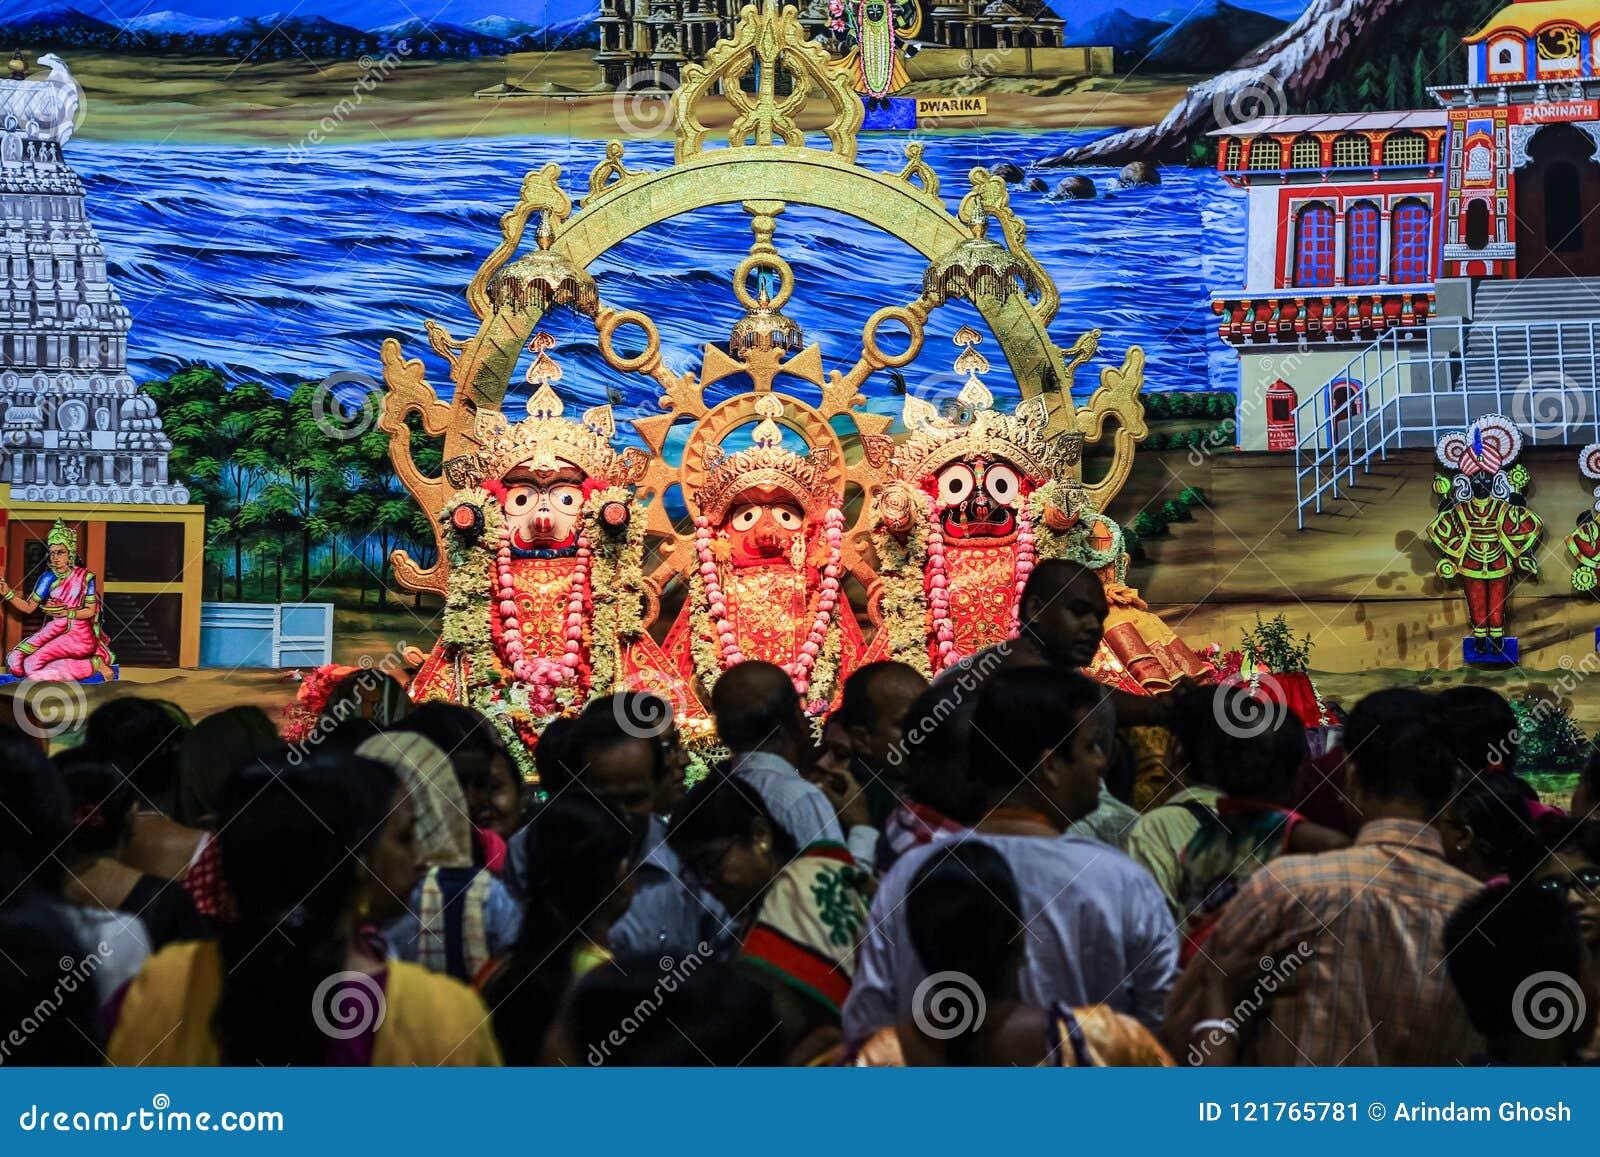 Durgapur, Zachodni Bengalia, India Lipiec 2018 Ucznie i dewotki tłoczy się przed idolami Jagannath Balaram Suvadra przy Rath Ya